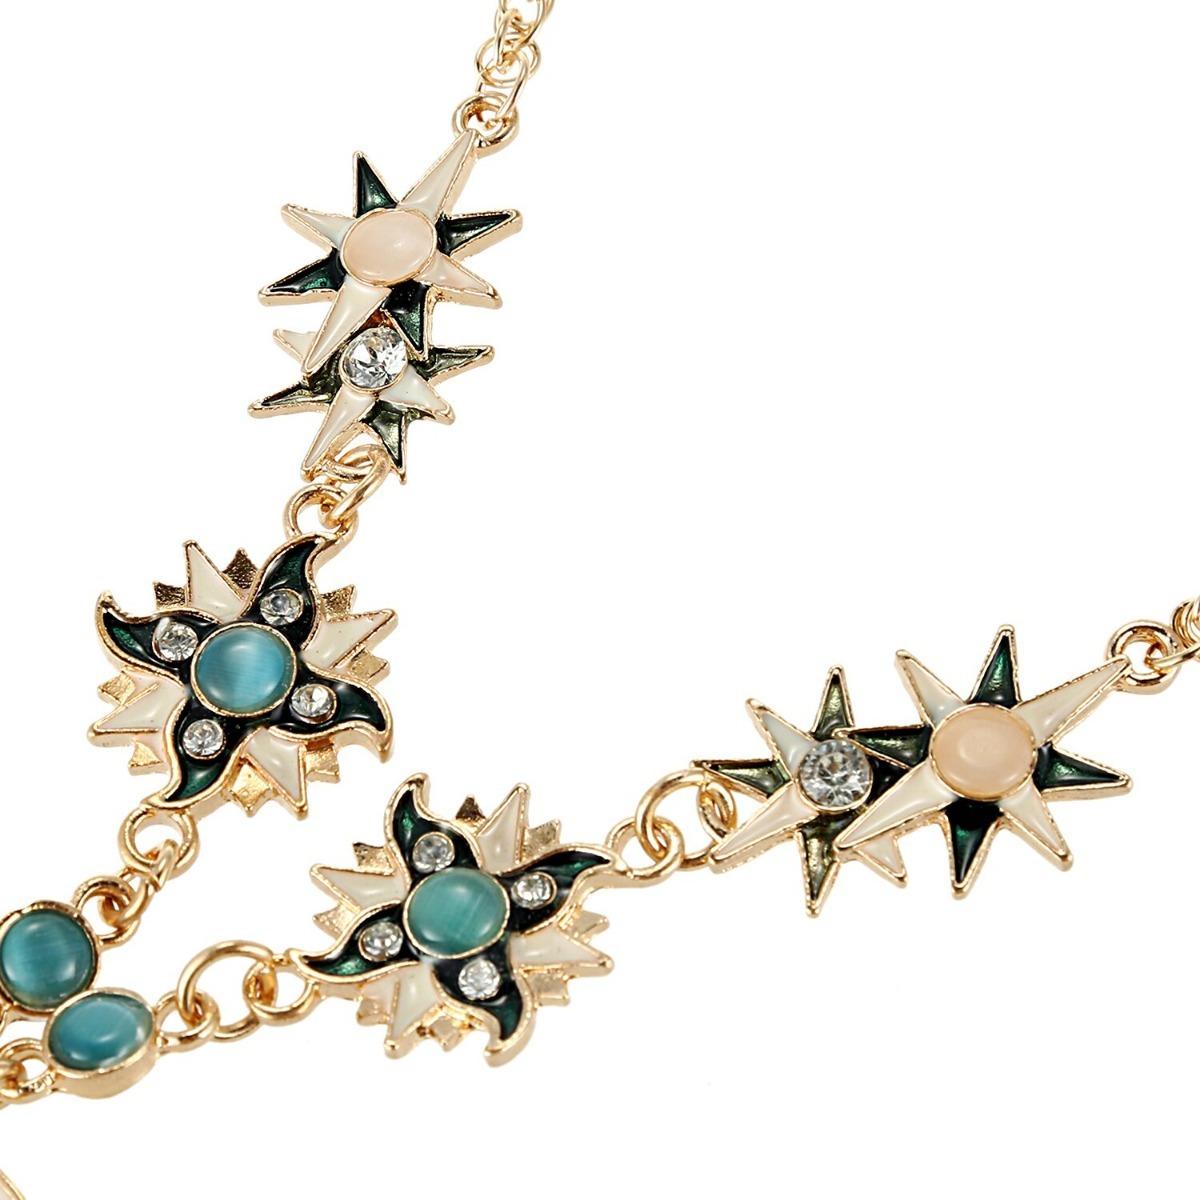 70c01fc6df68 collar hermosas piedras en media luna dorada moda para mujer. Cargando zoom.